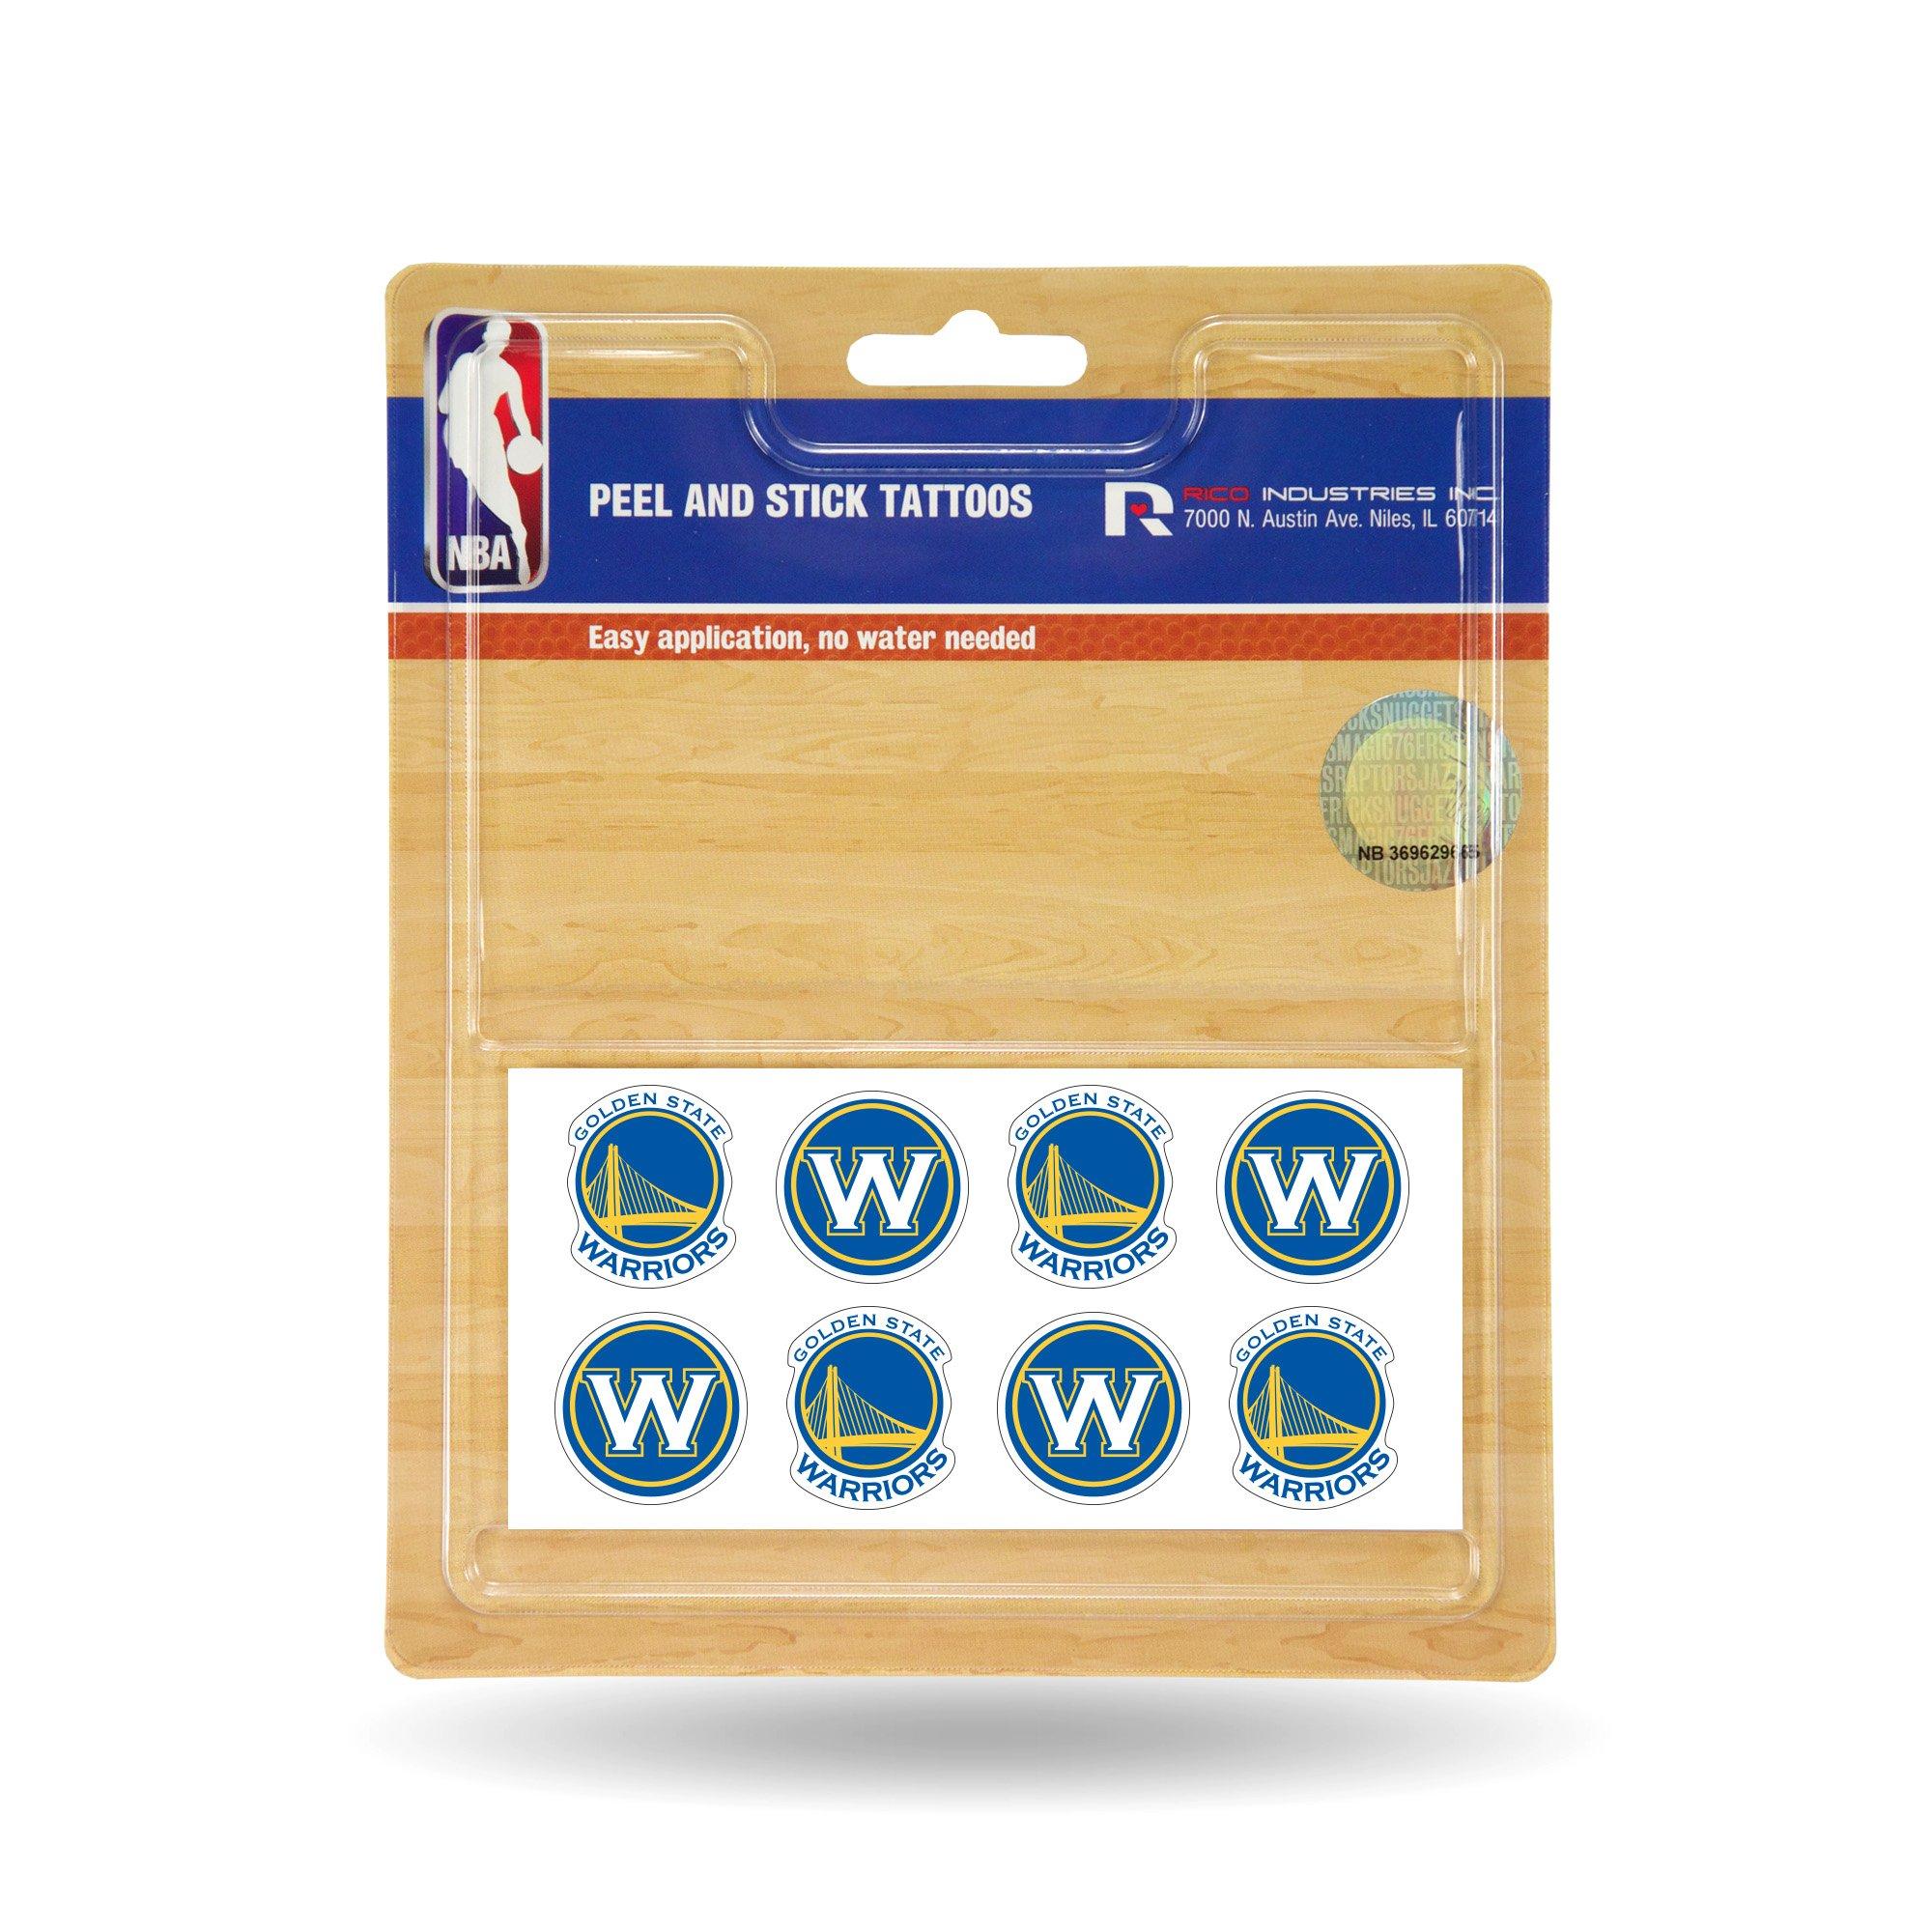 NBA Golden State Warriors Face Tattoos, 8-Piece Set